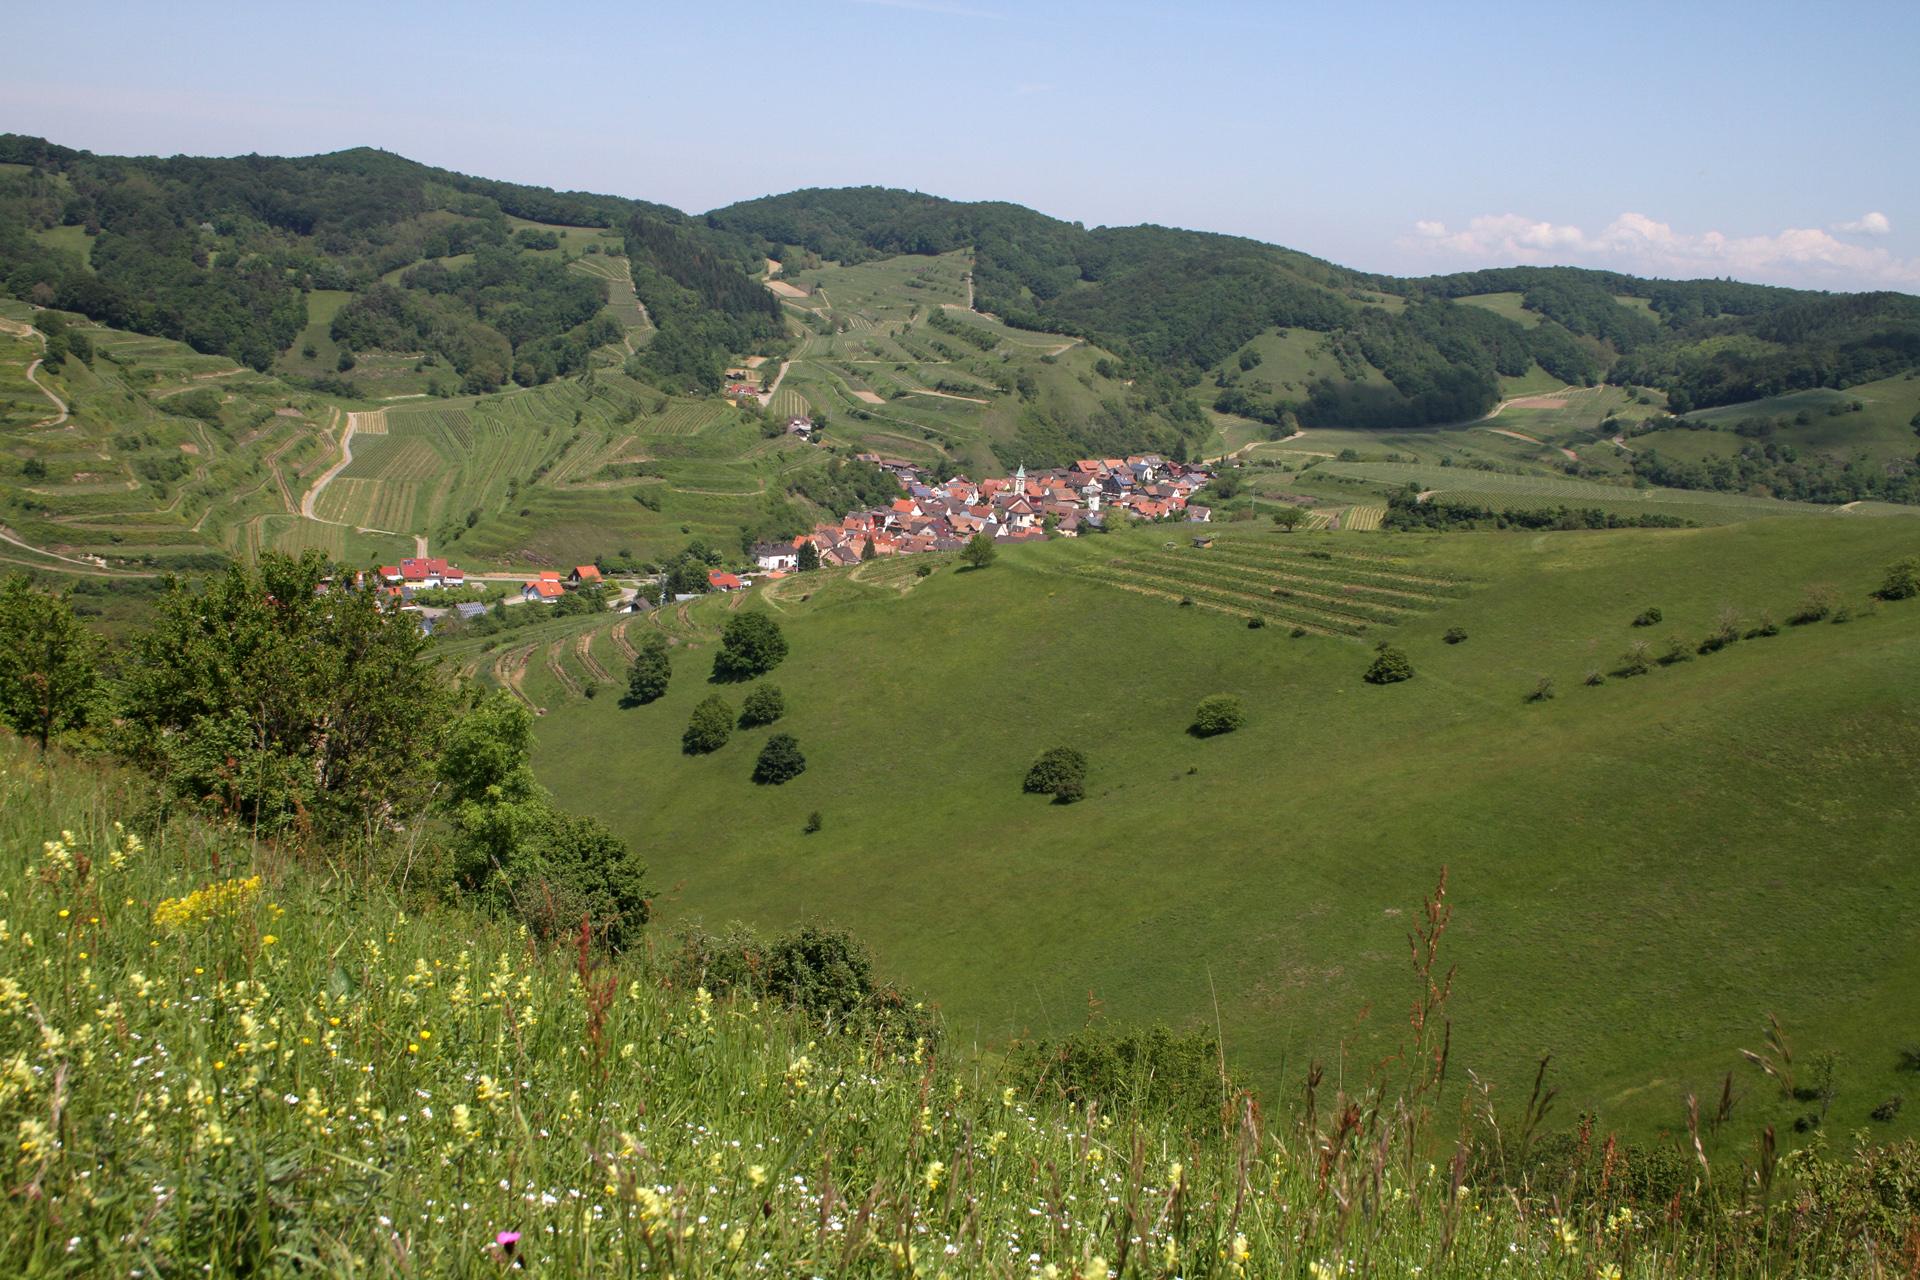 Die Weinbaudörfer - hier Schelingen - schmiegen sich harmonisch in die Landschaft